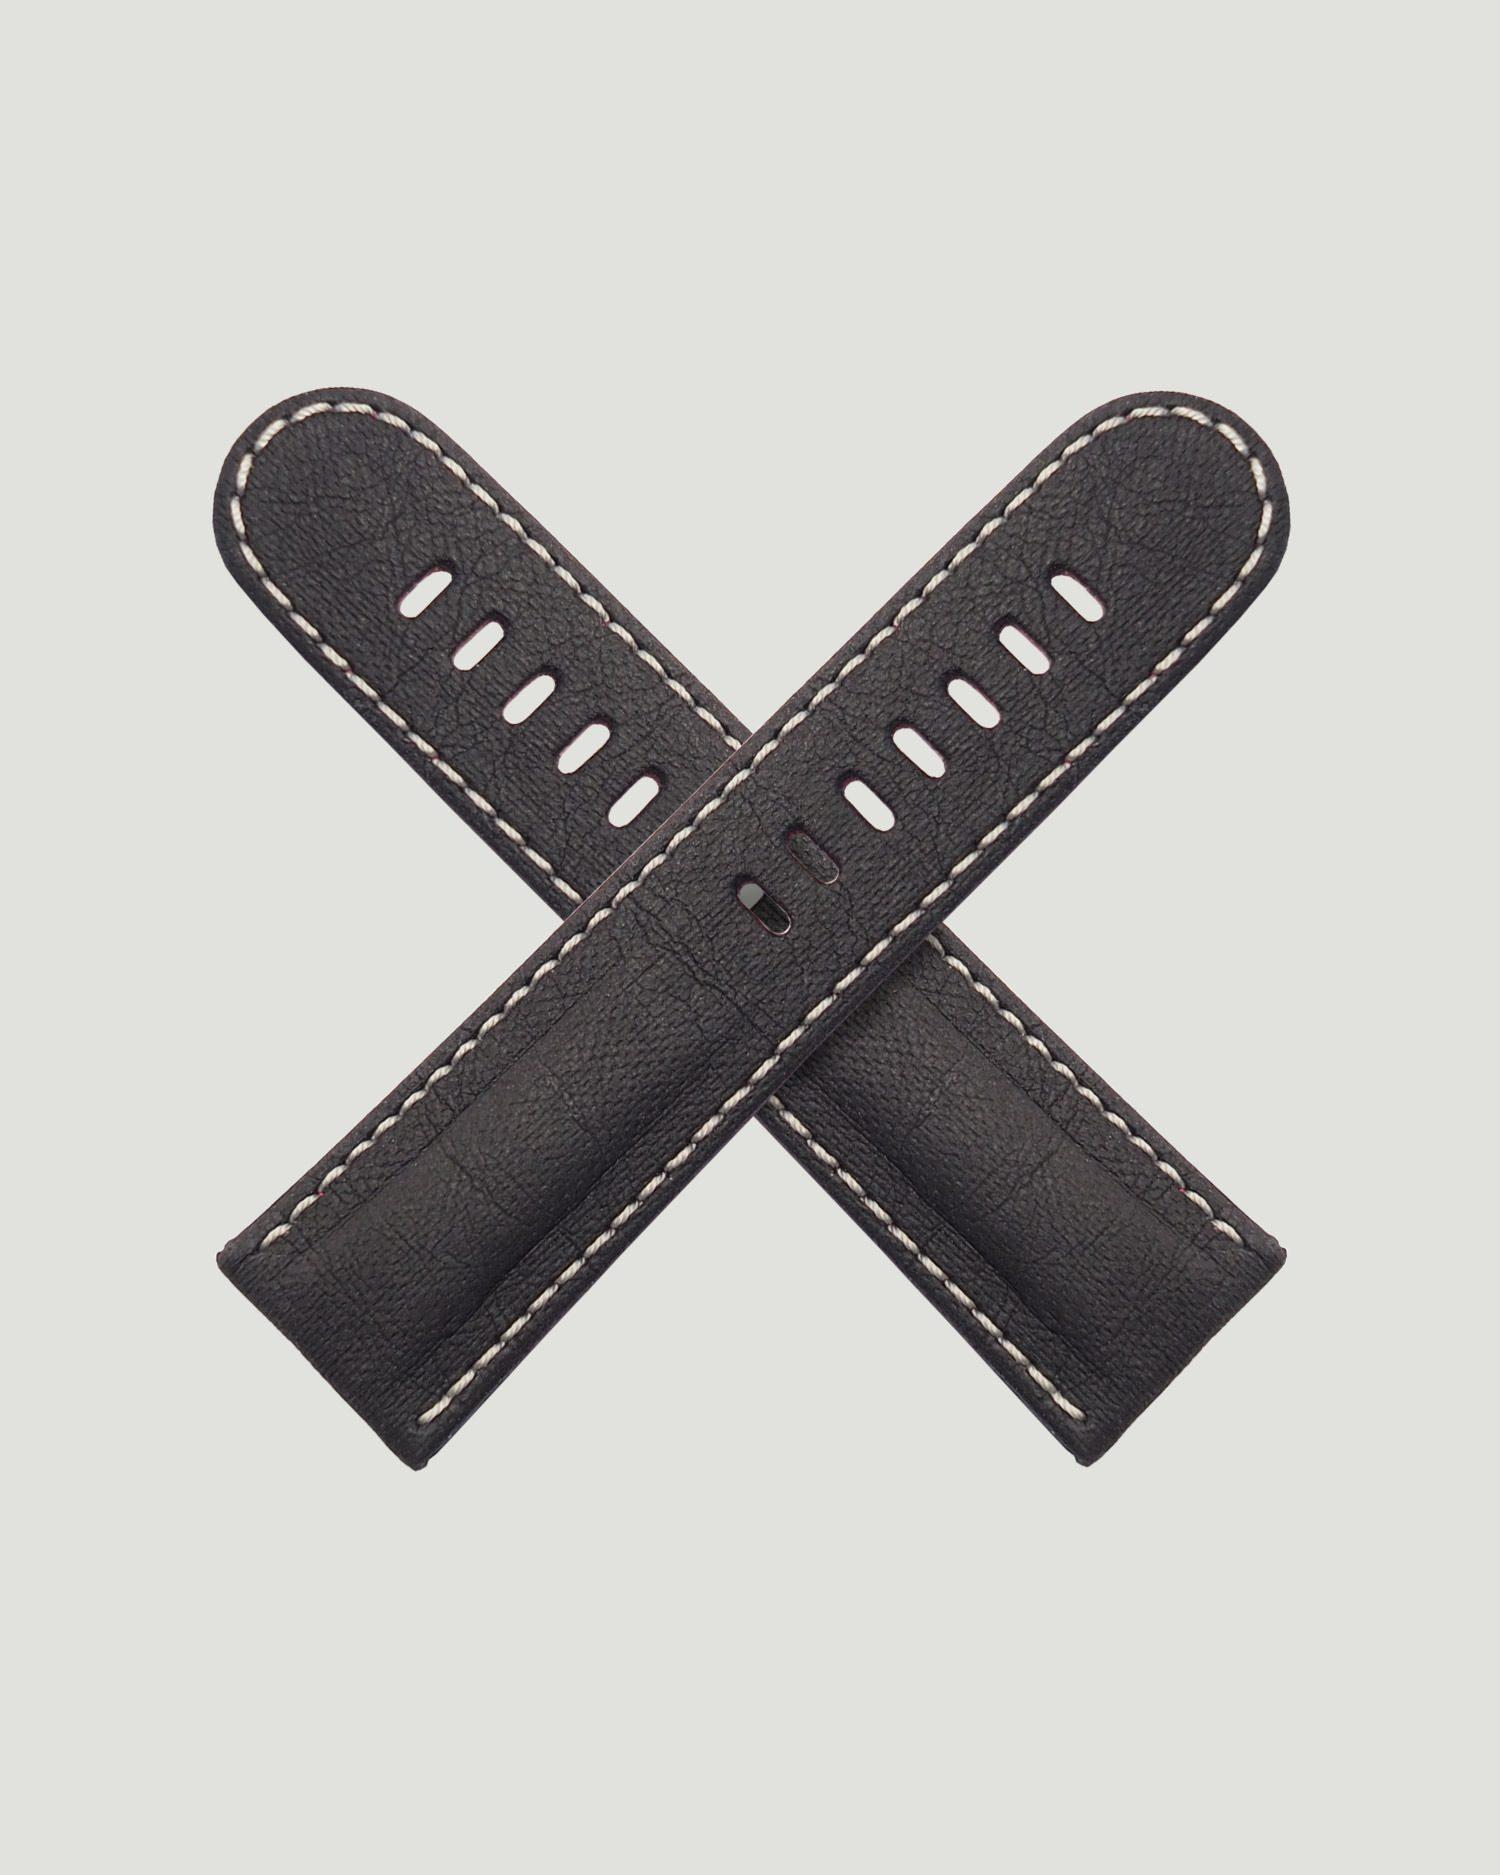 Black OMI strap